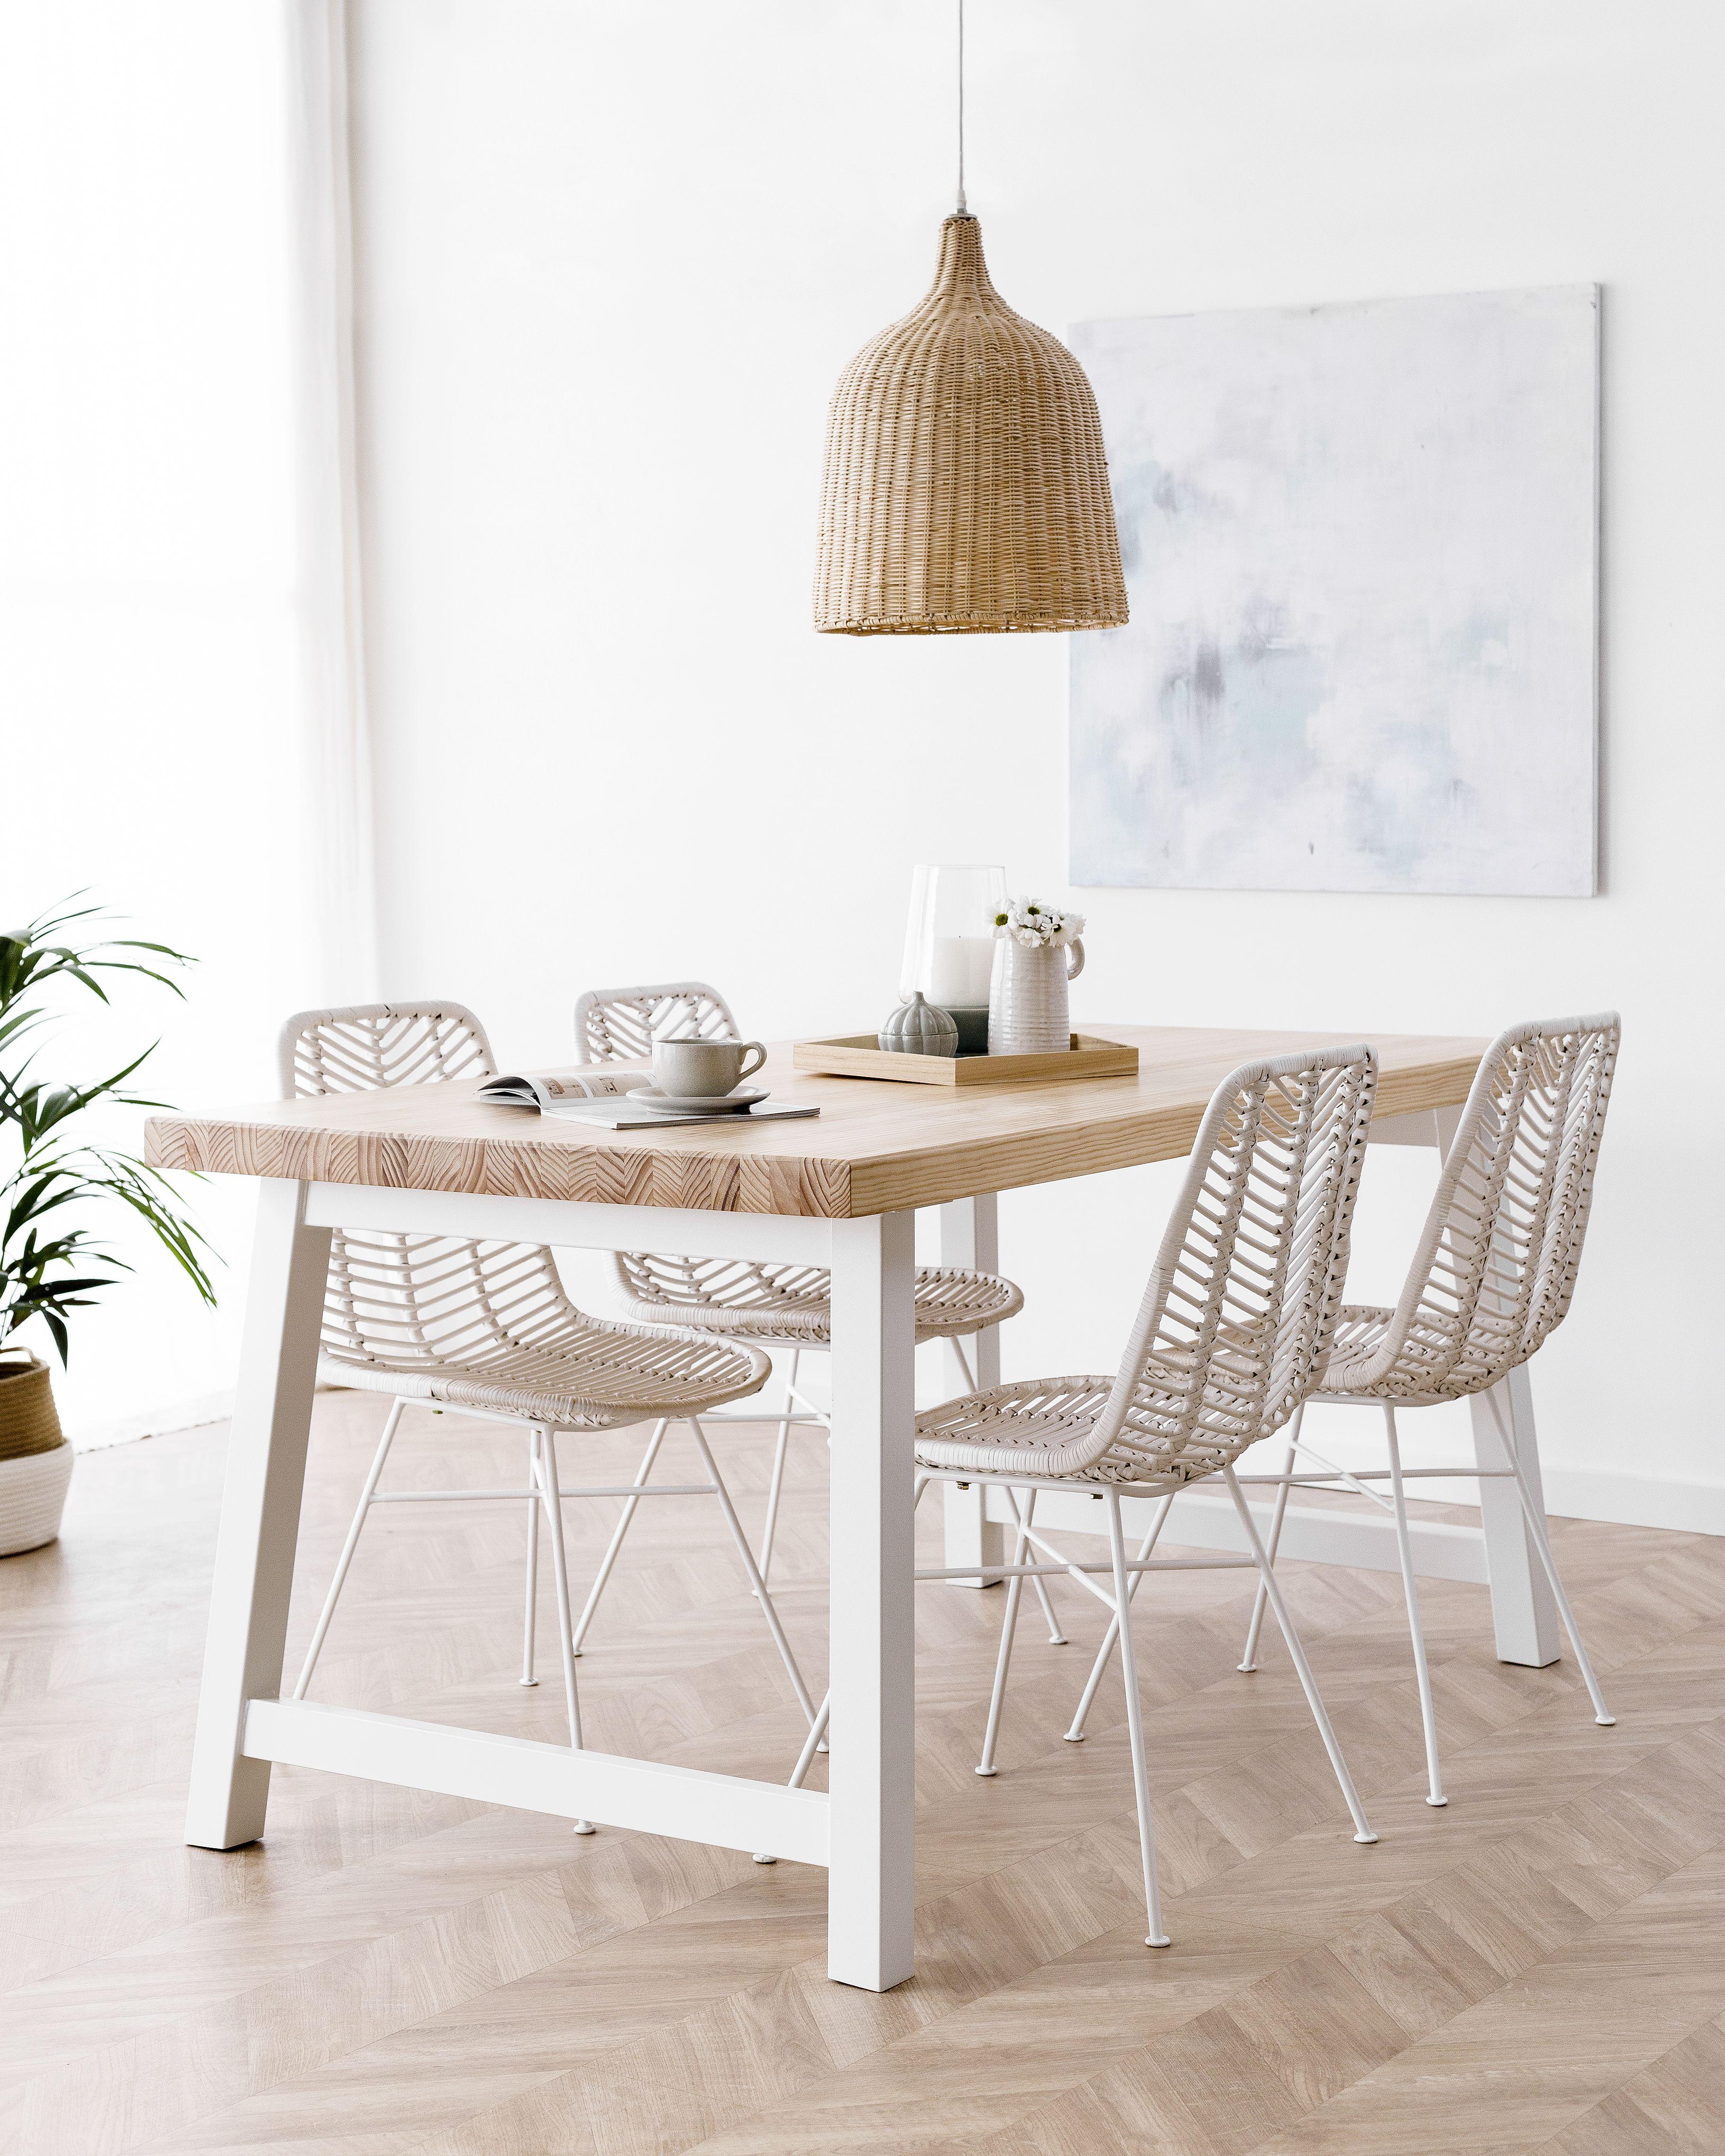 silla blanca patas madera mesa